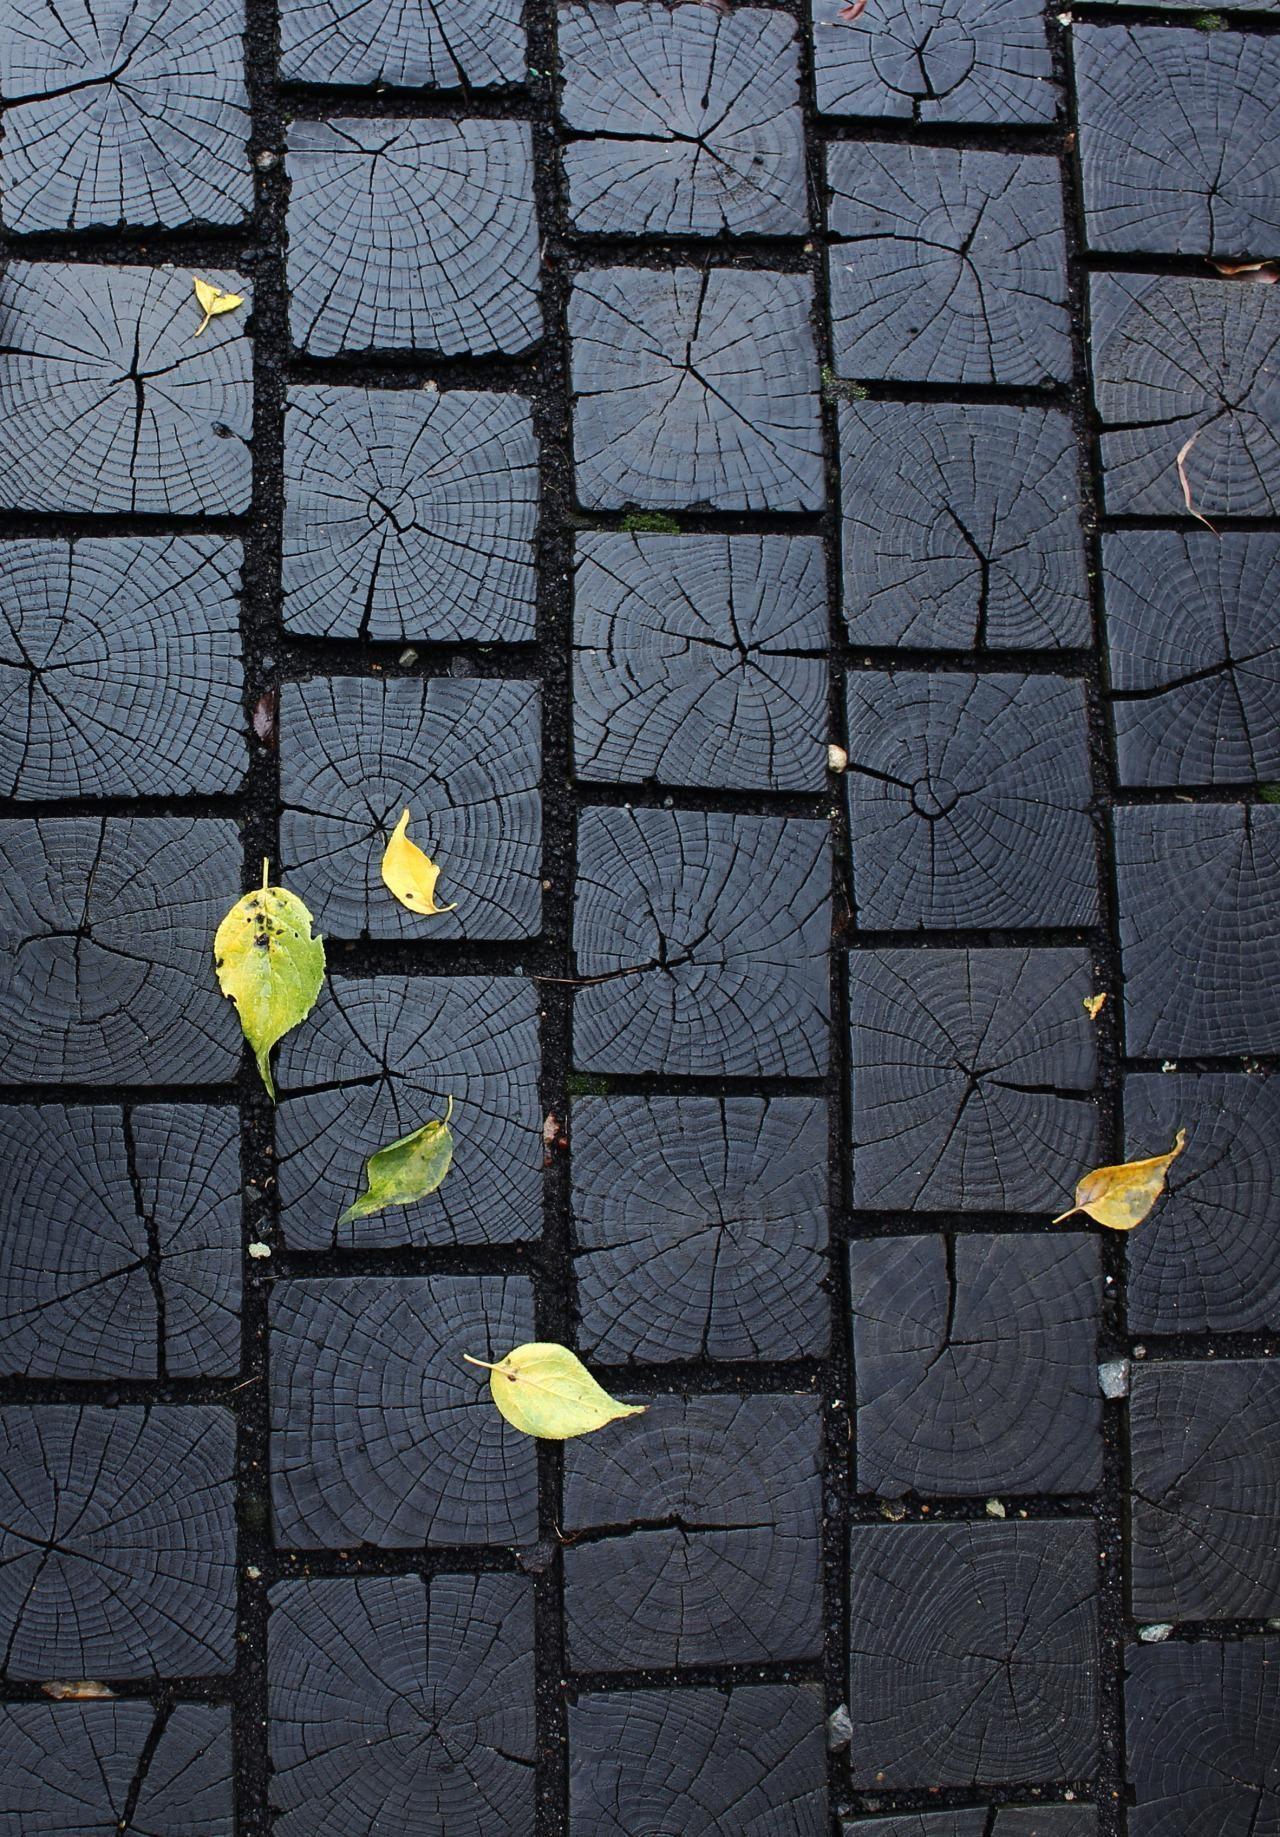 Деревянная брусчатка – хороший способ разнообразить текстуру улицы